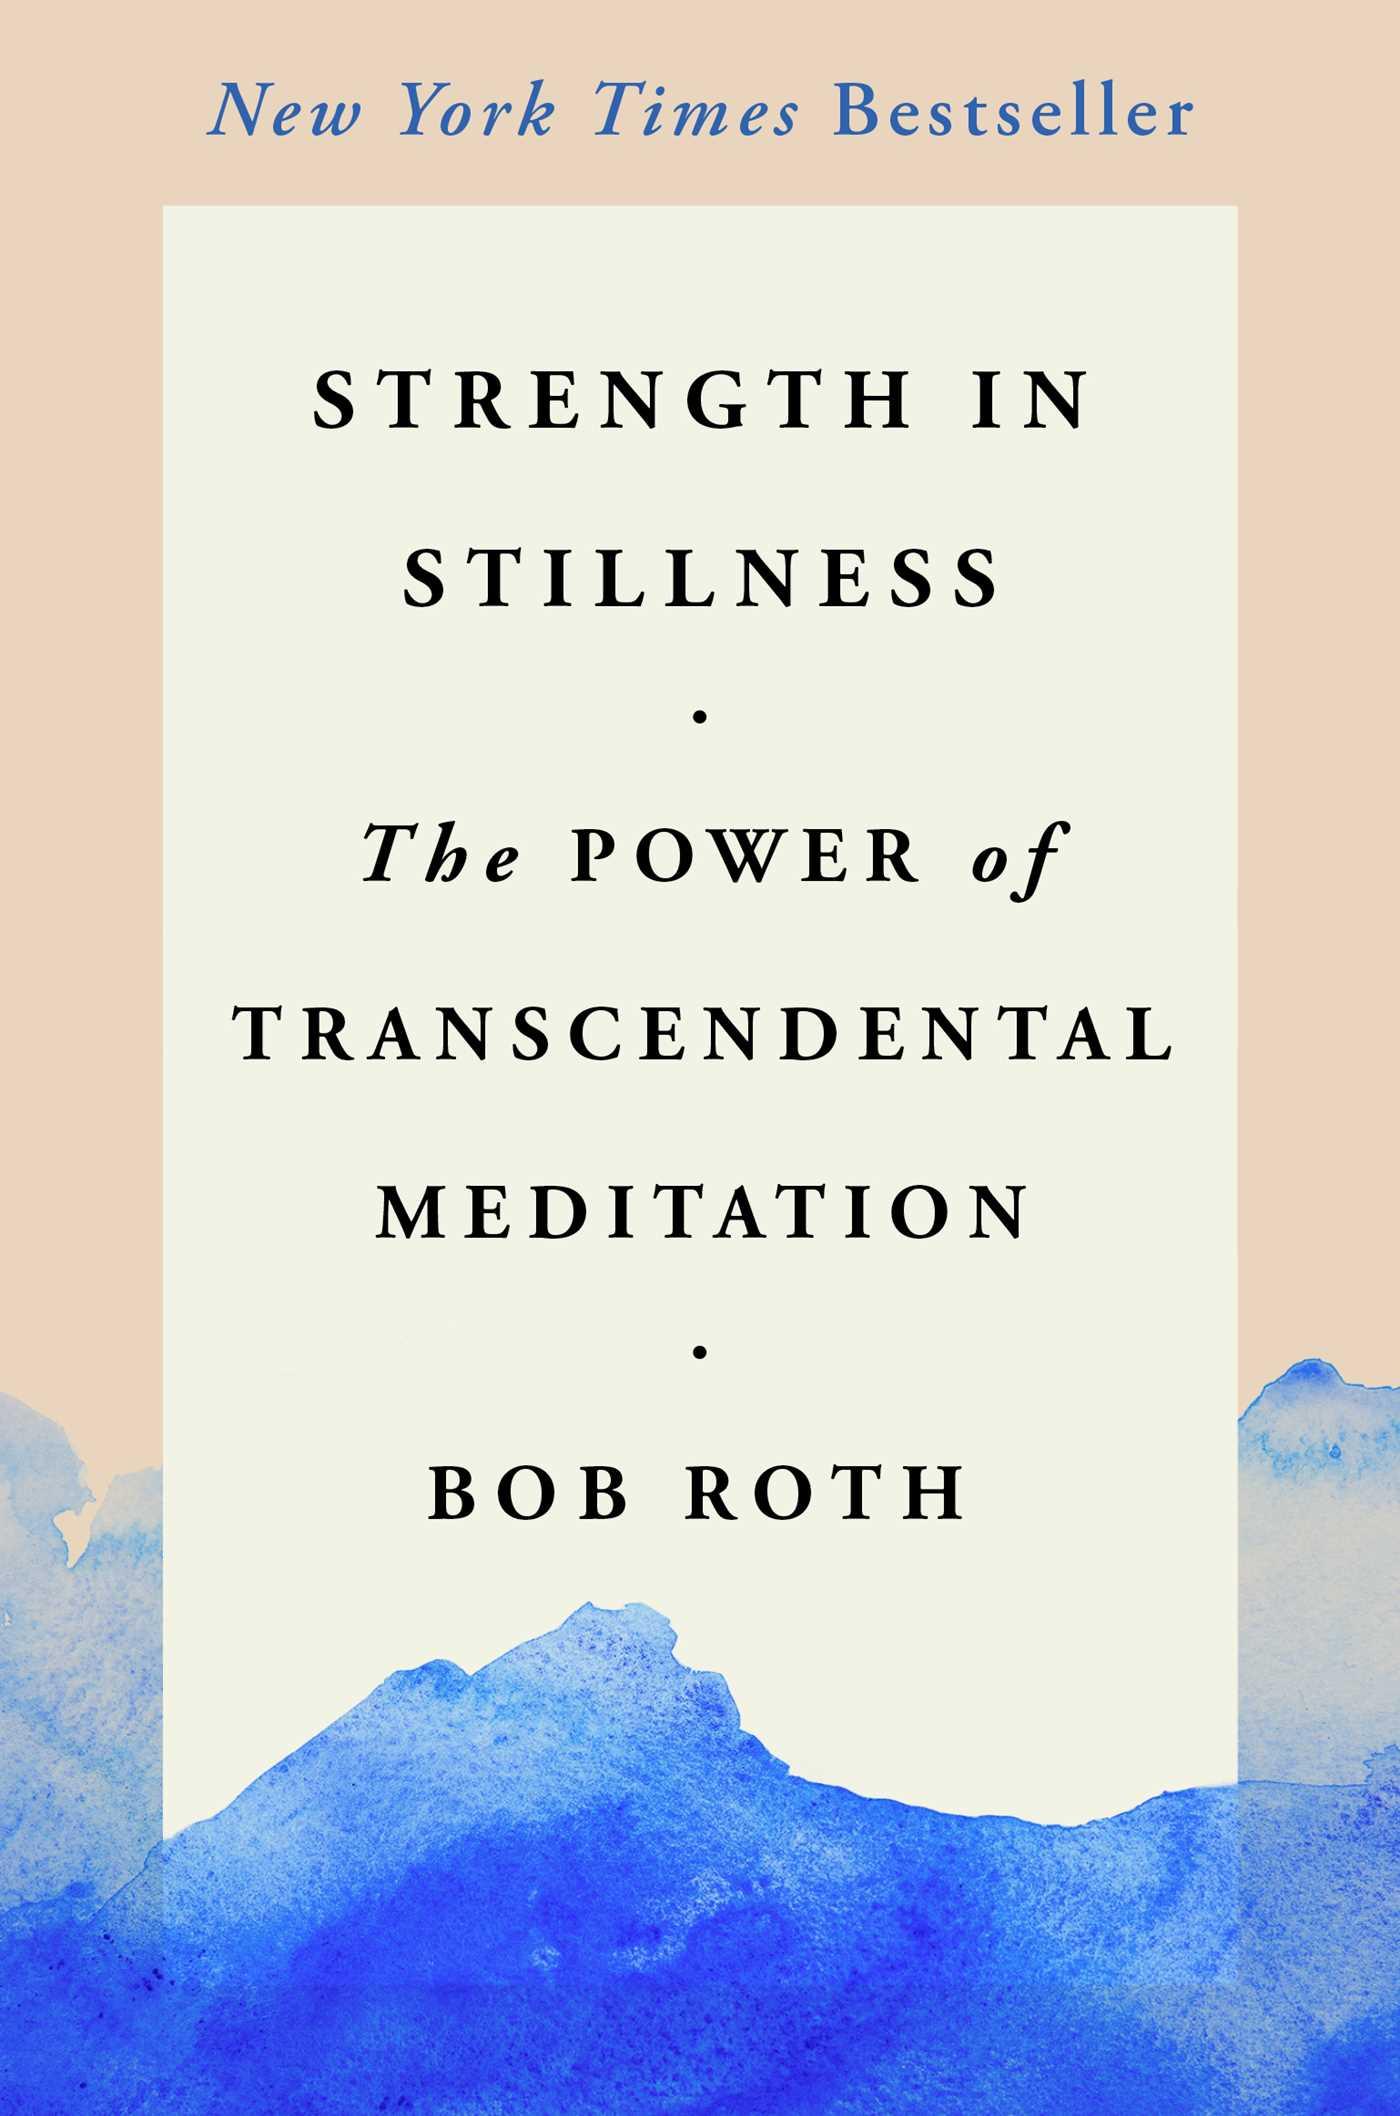 Strength in stillness 9781501161230 hr